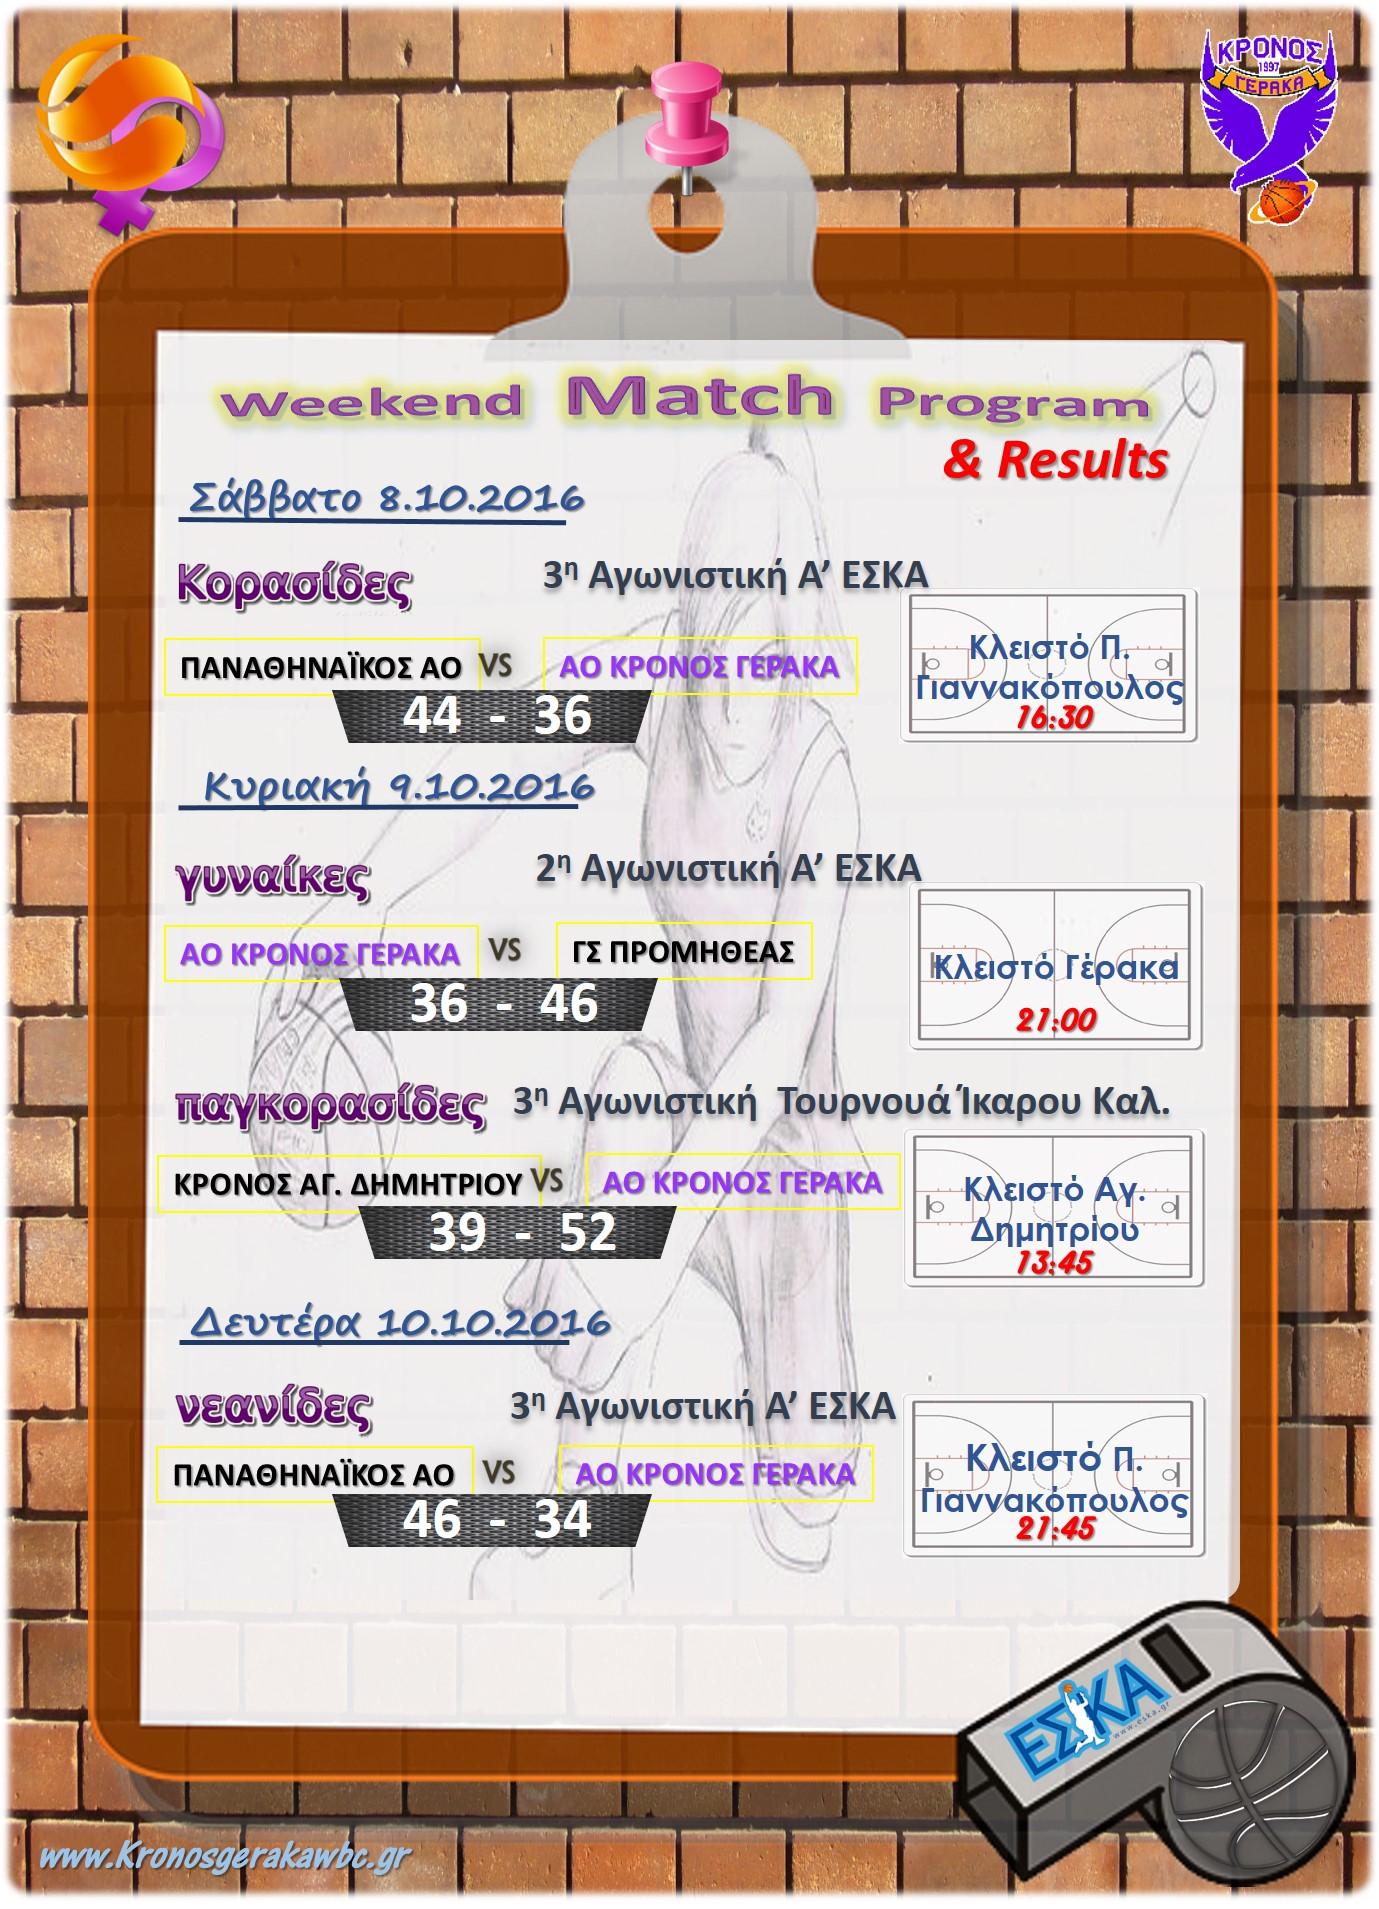 Αποτελέσματα Αγώνων Εβδομάδας 8-10.10.16